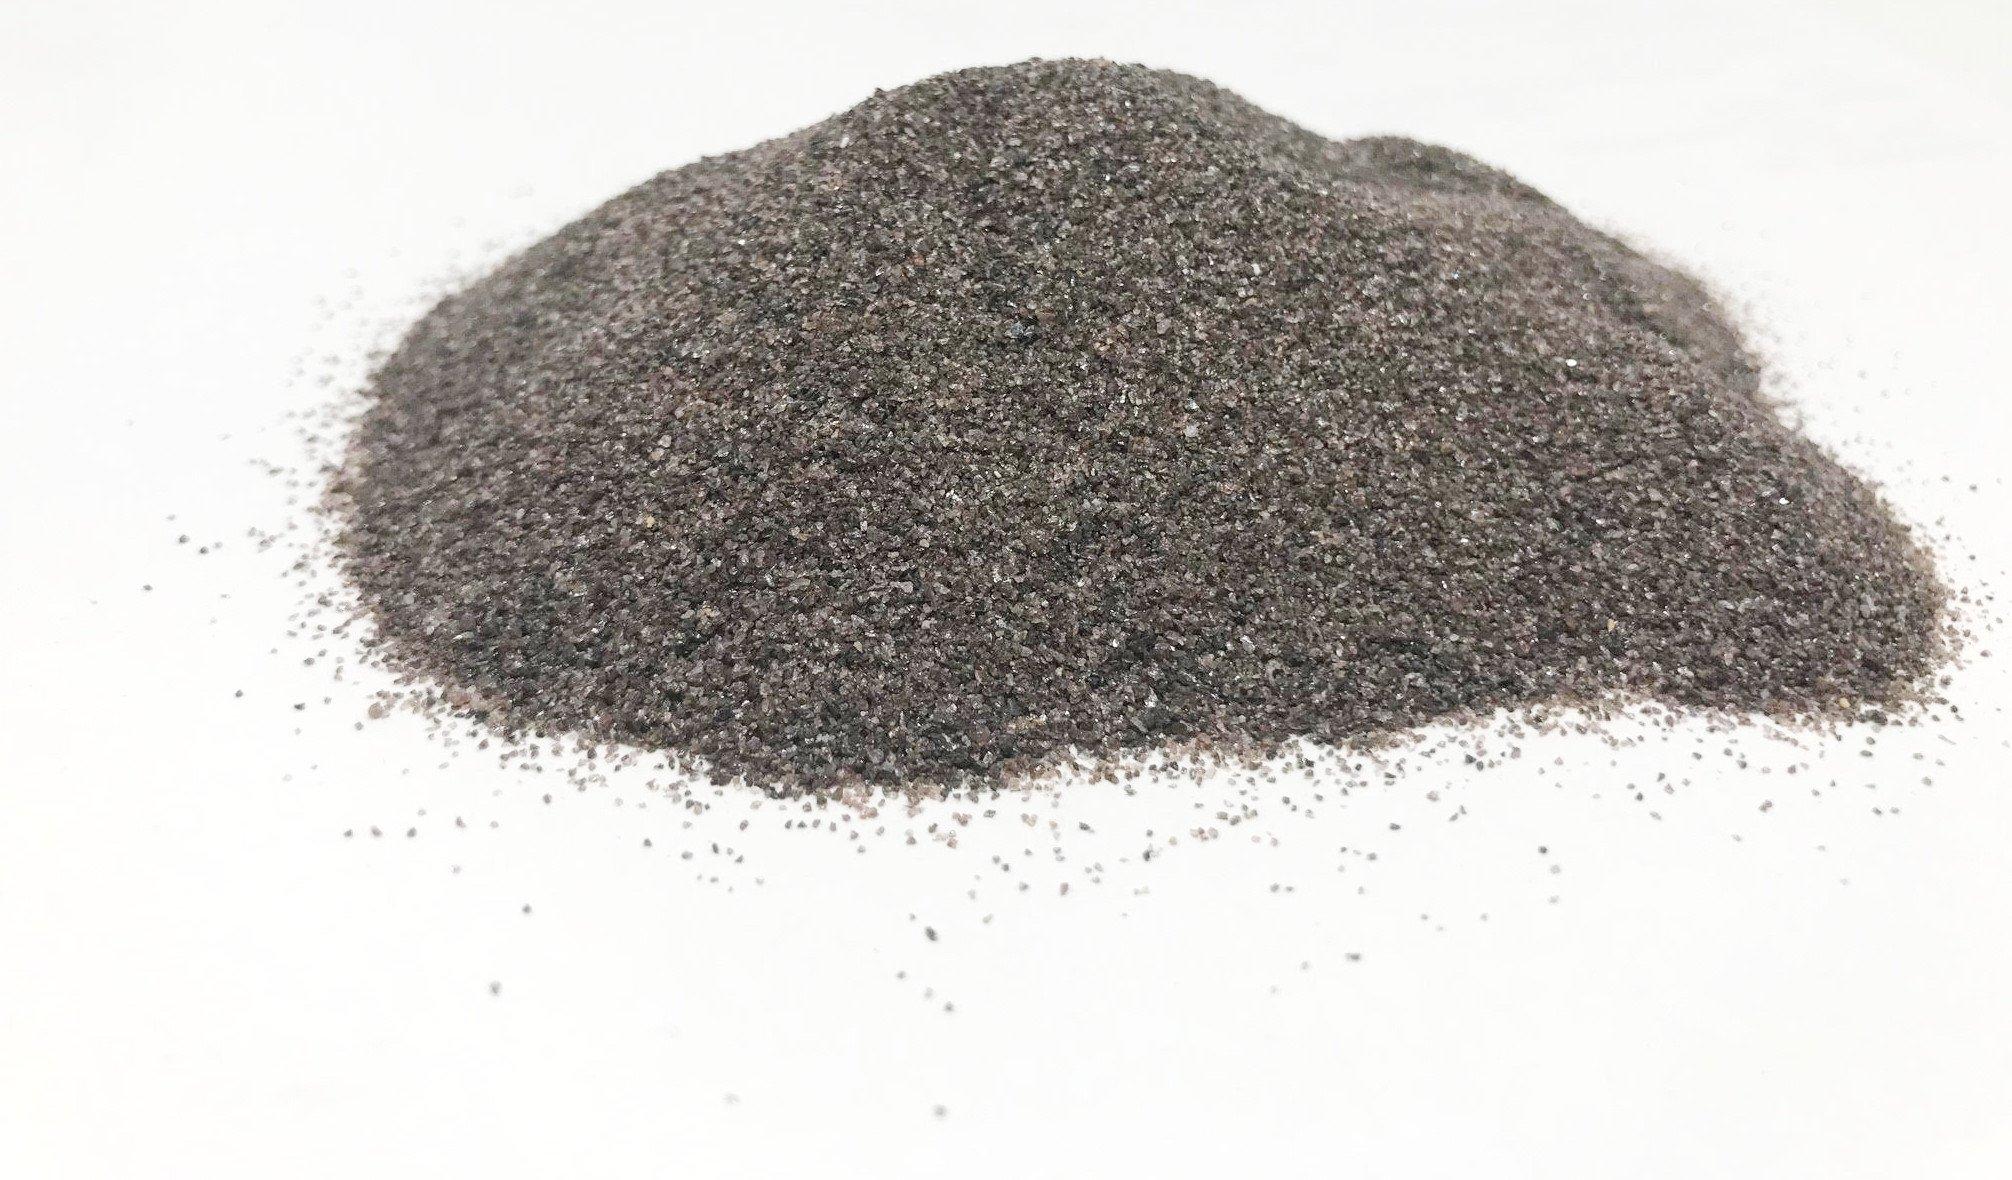 Blastline USA Brown Aluminum Oxide Abrasive Blast Media, 54 Grit - Medium Coarse (5 LBS)